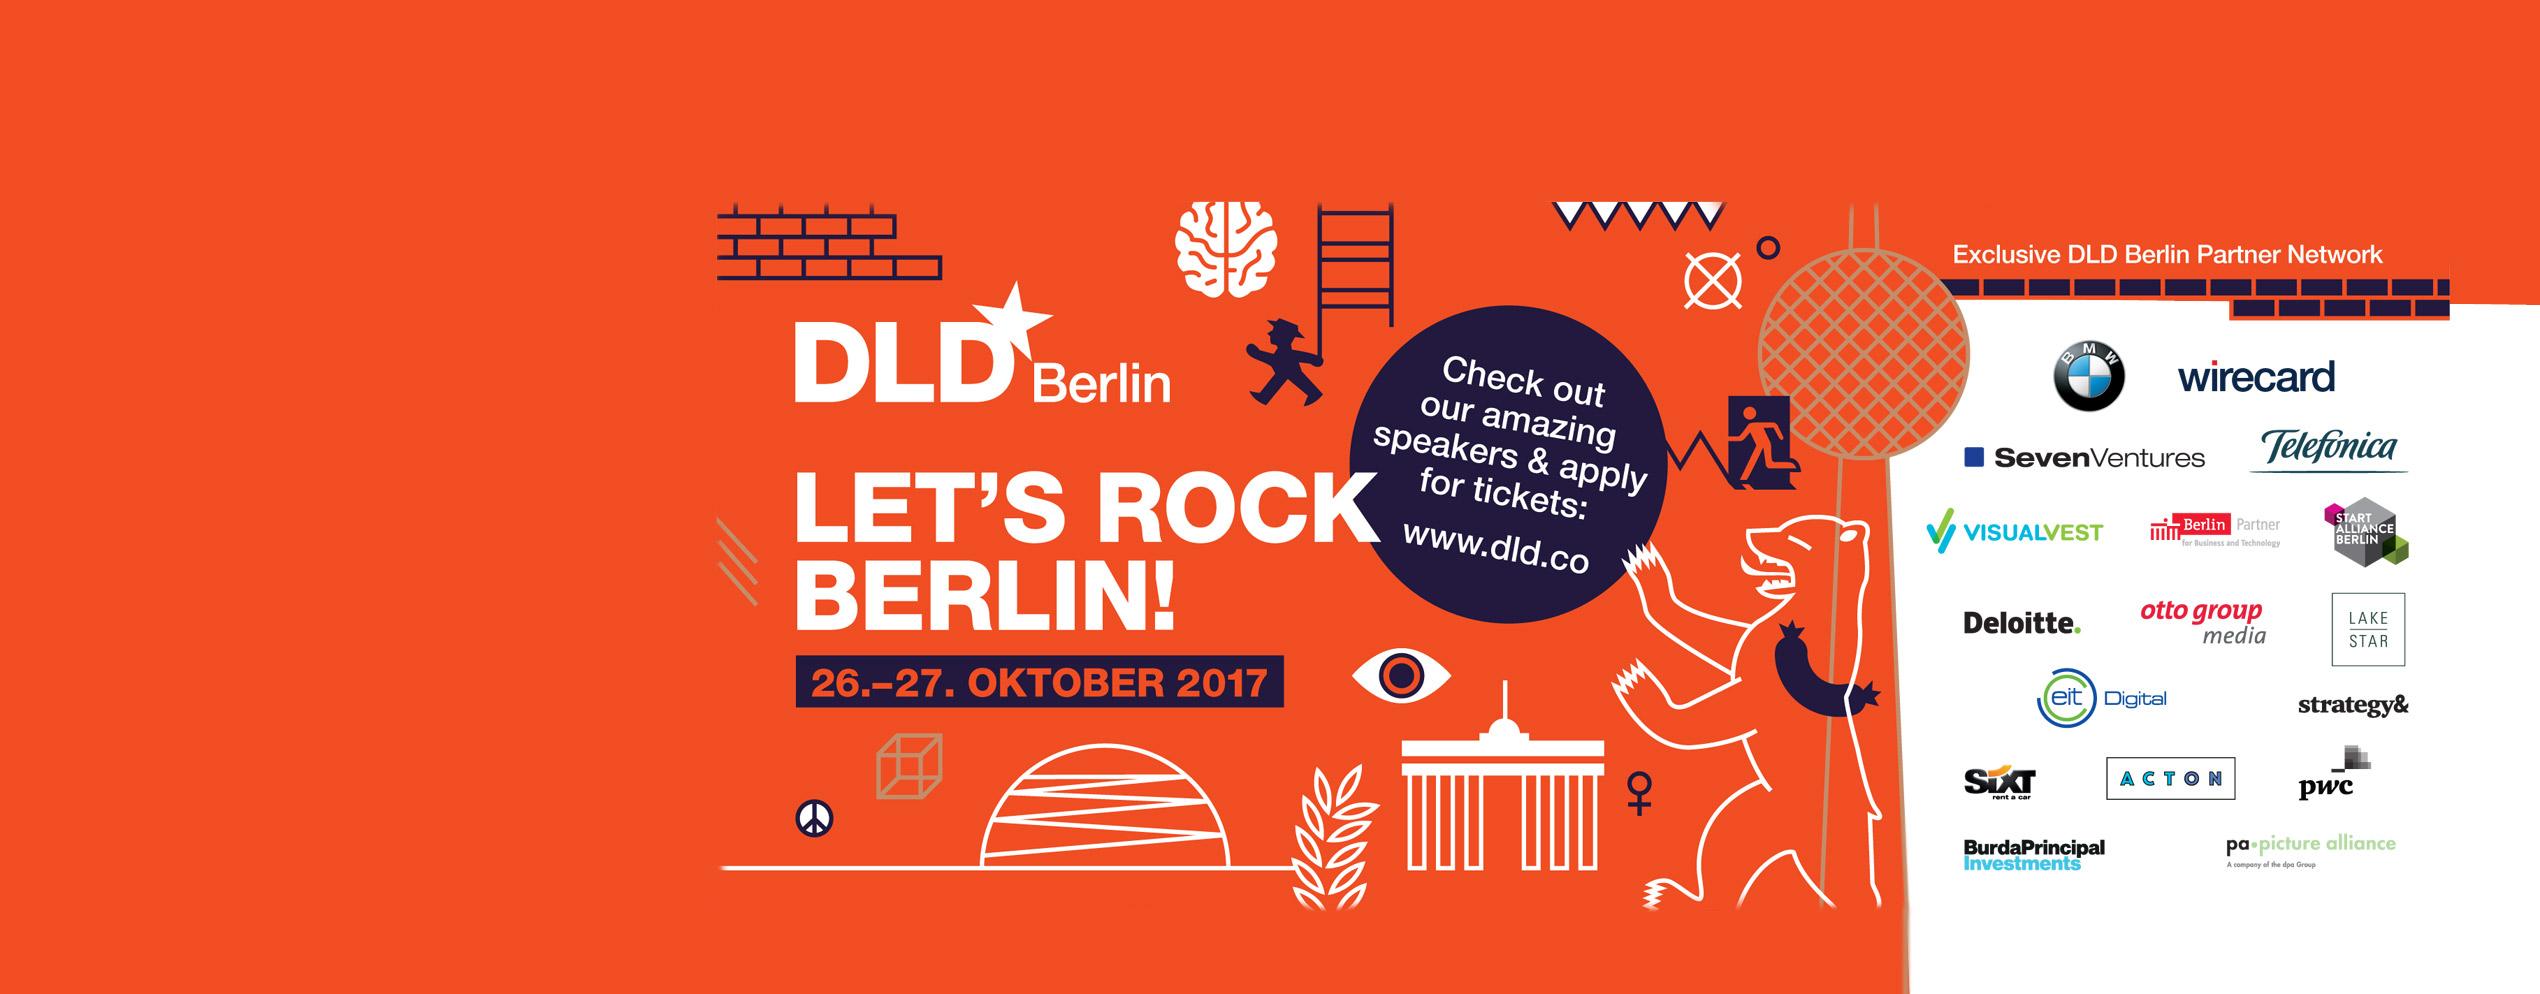 HEADER-DLD-Berlin-2017-2540x1000